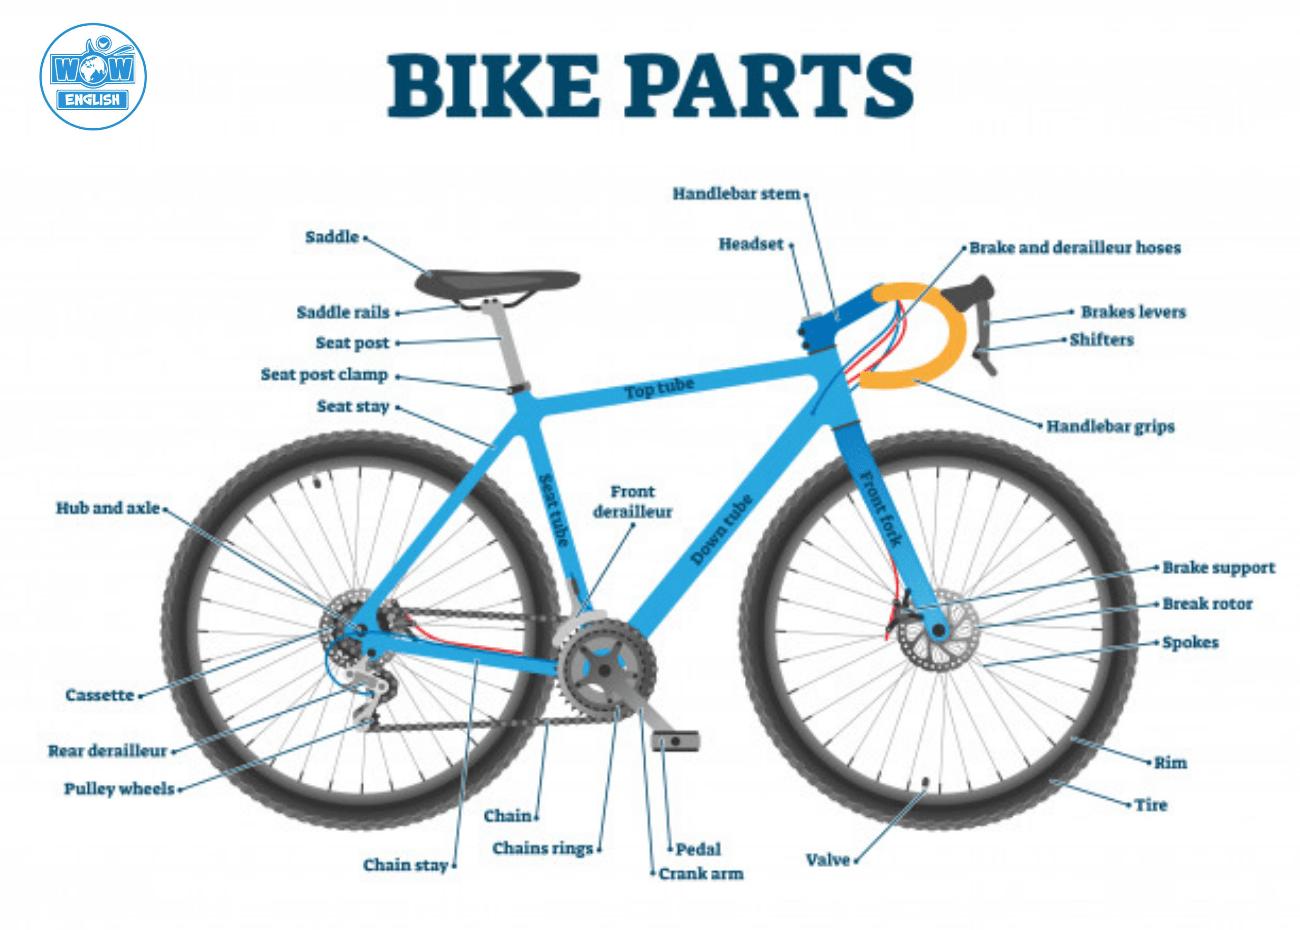 Từ vựng tiếng Anh về bộ phận xe đạp